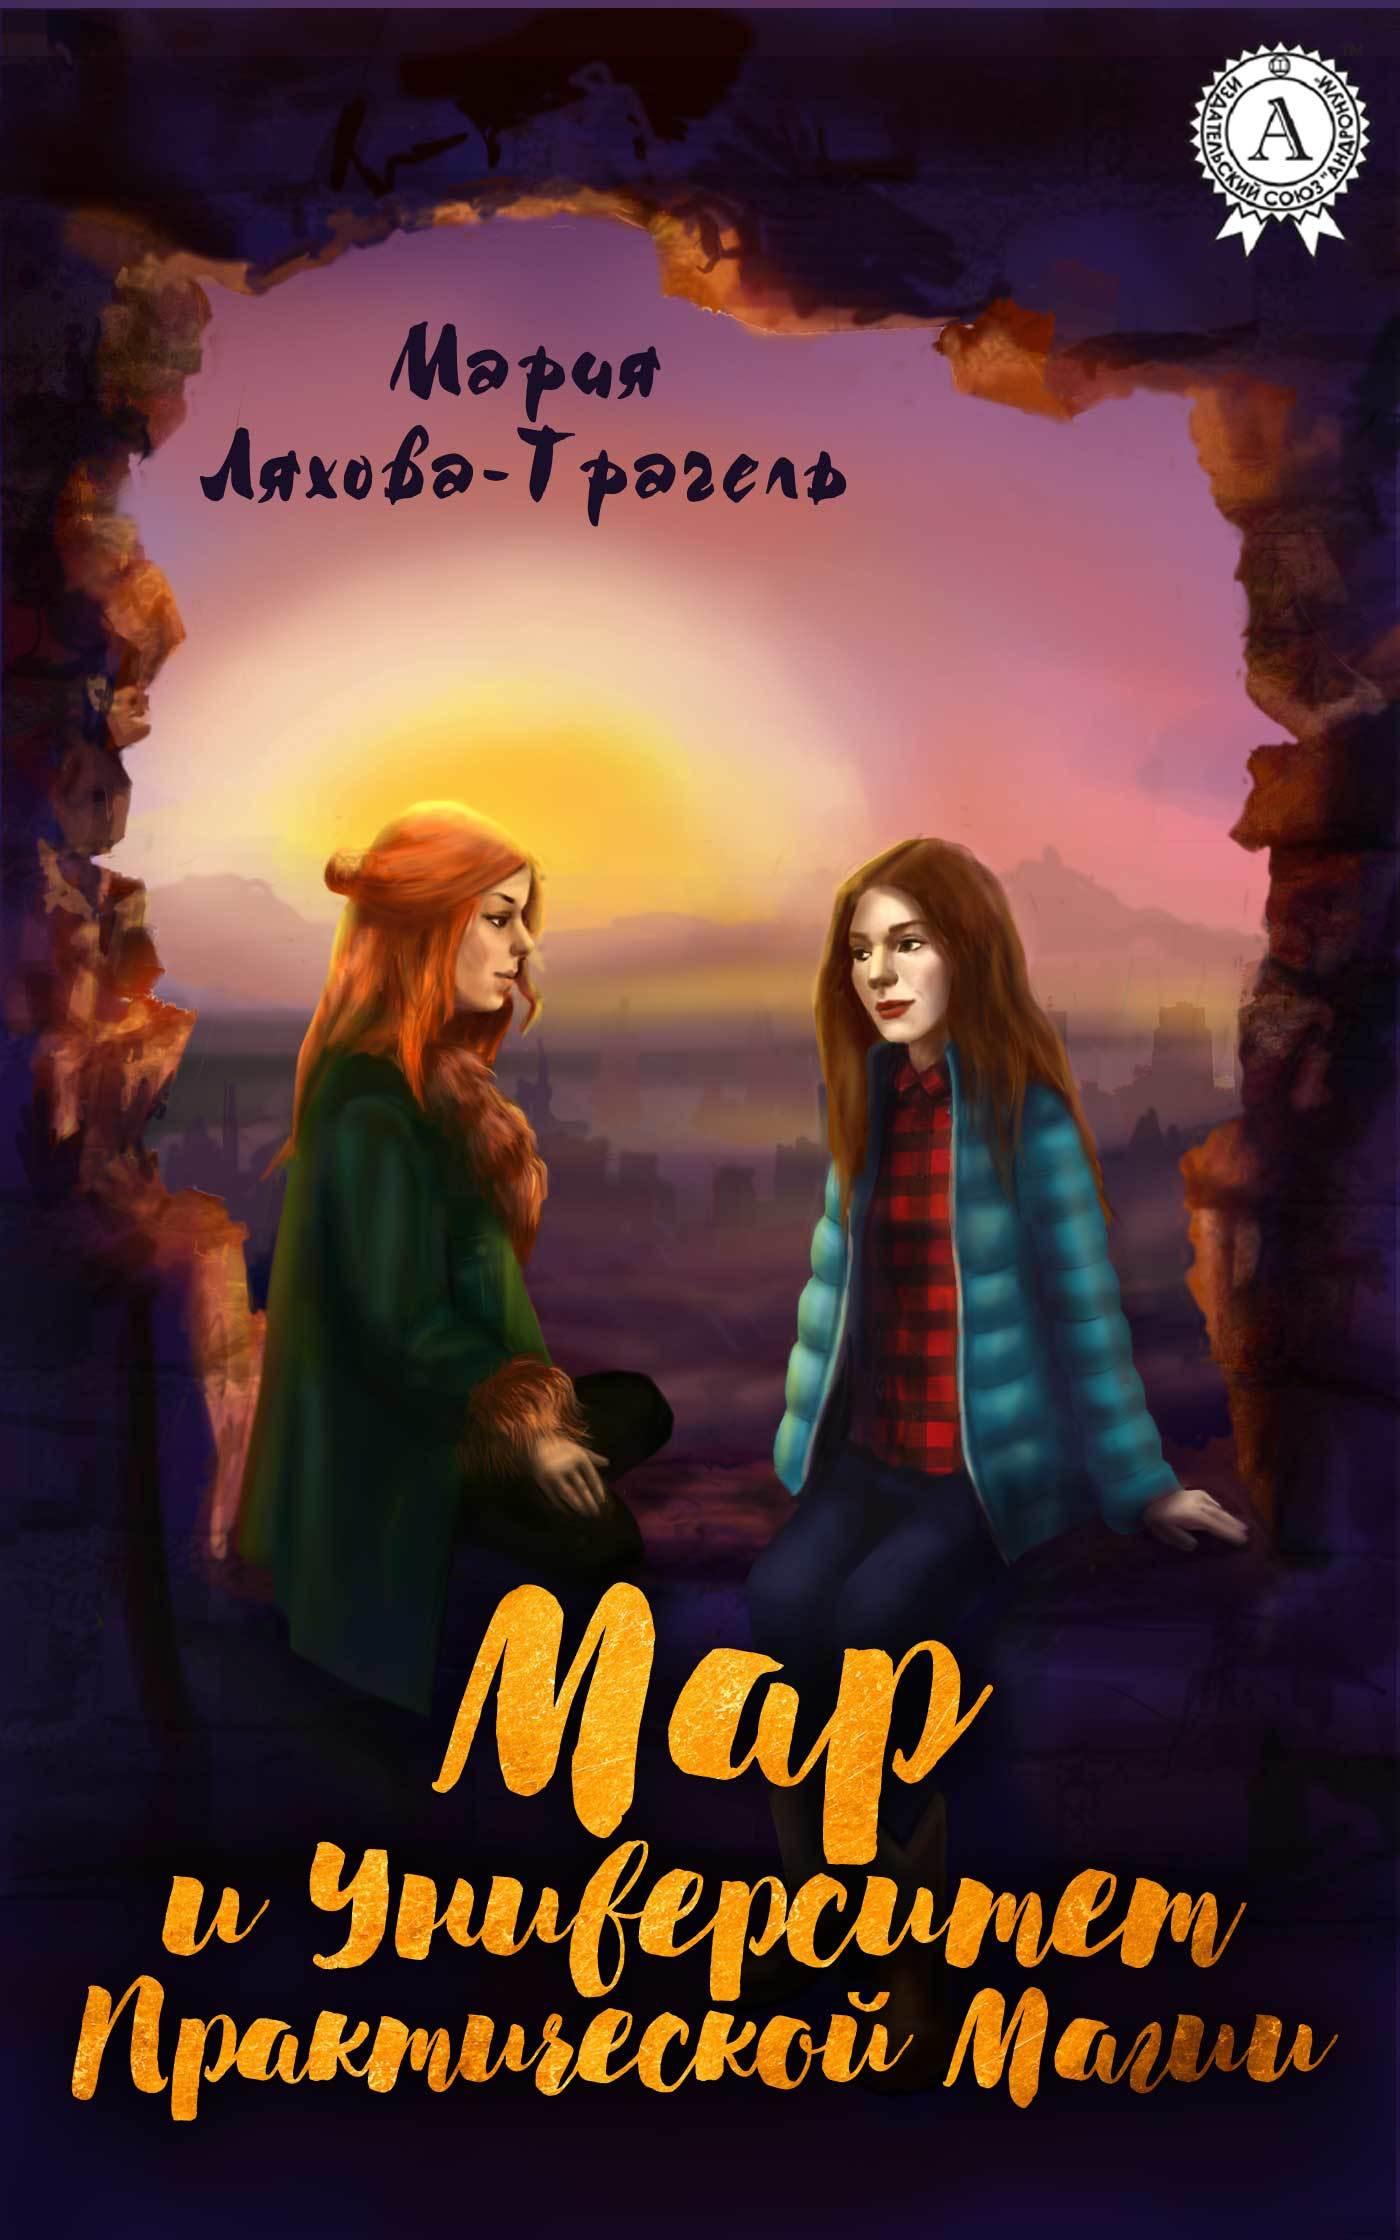 Мария Ляхова-Трагель - Мар и Университет практической магии